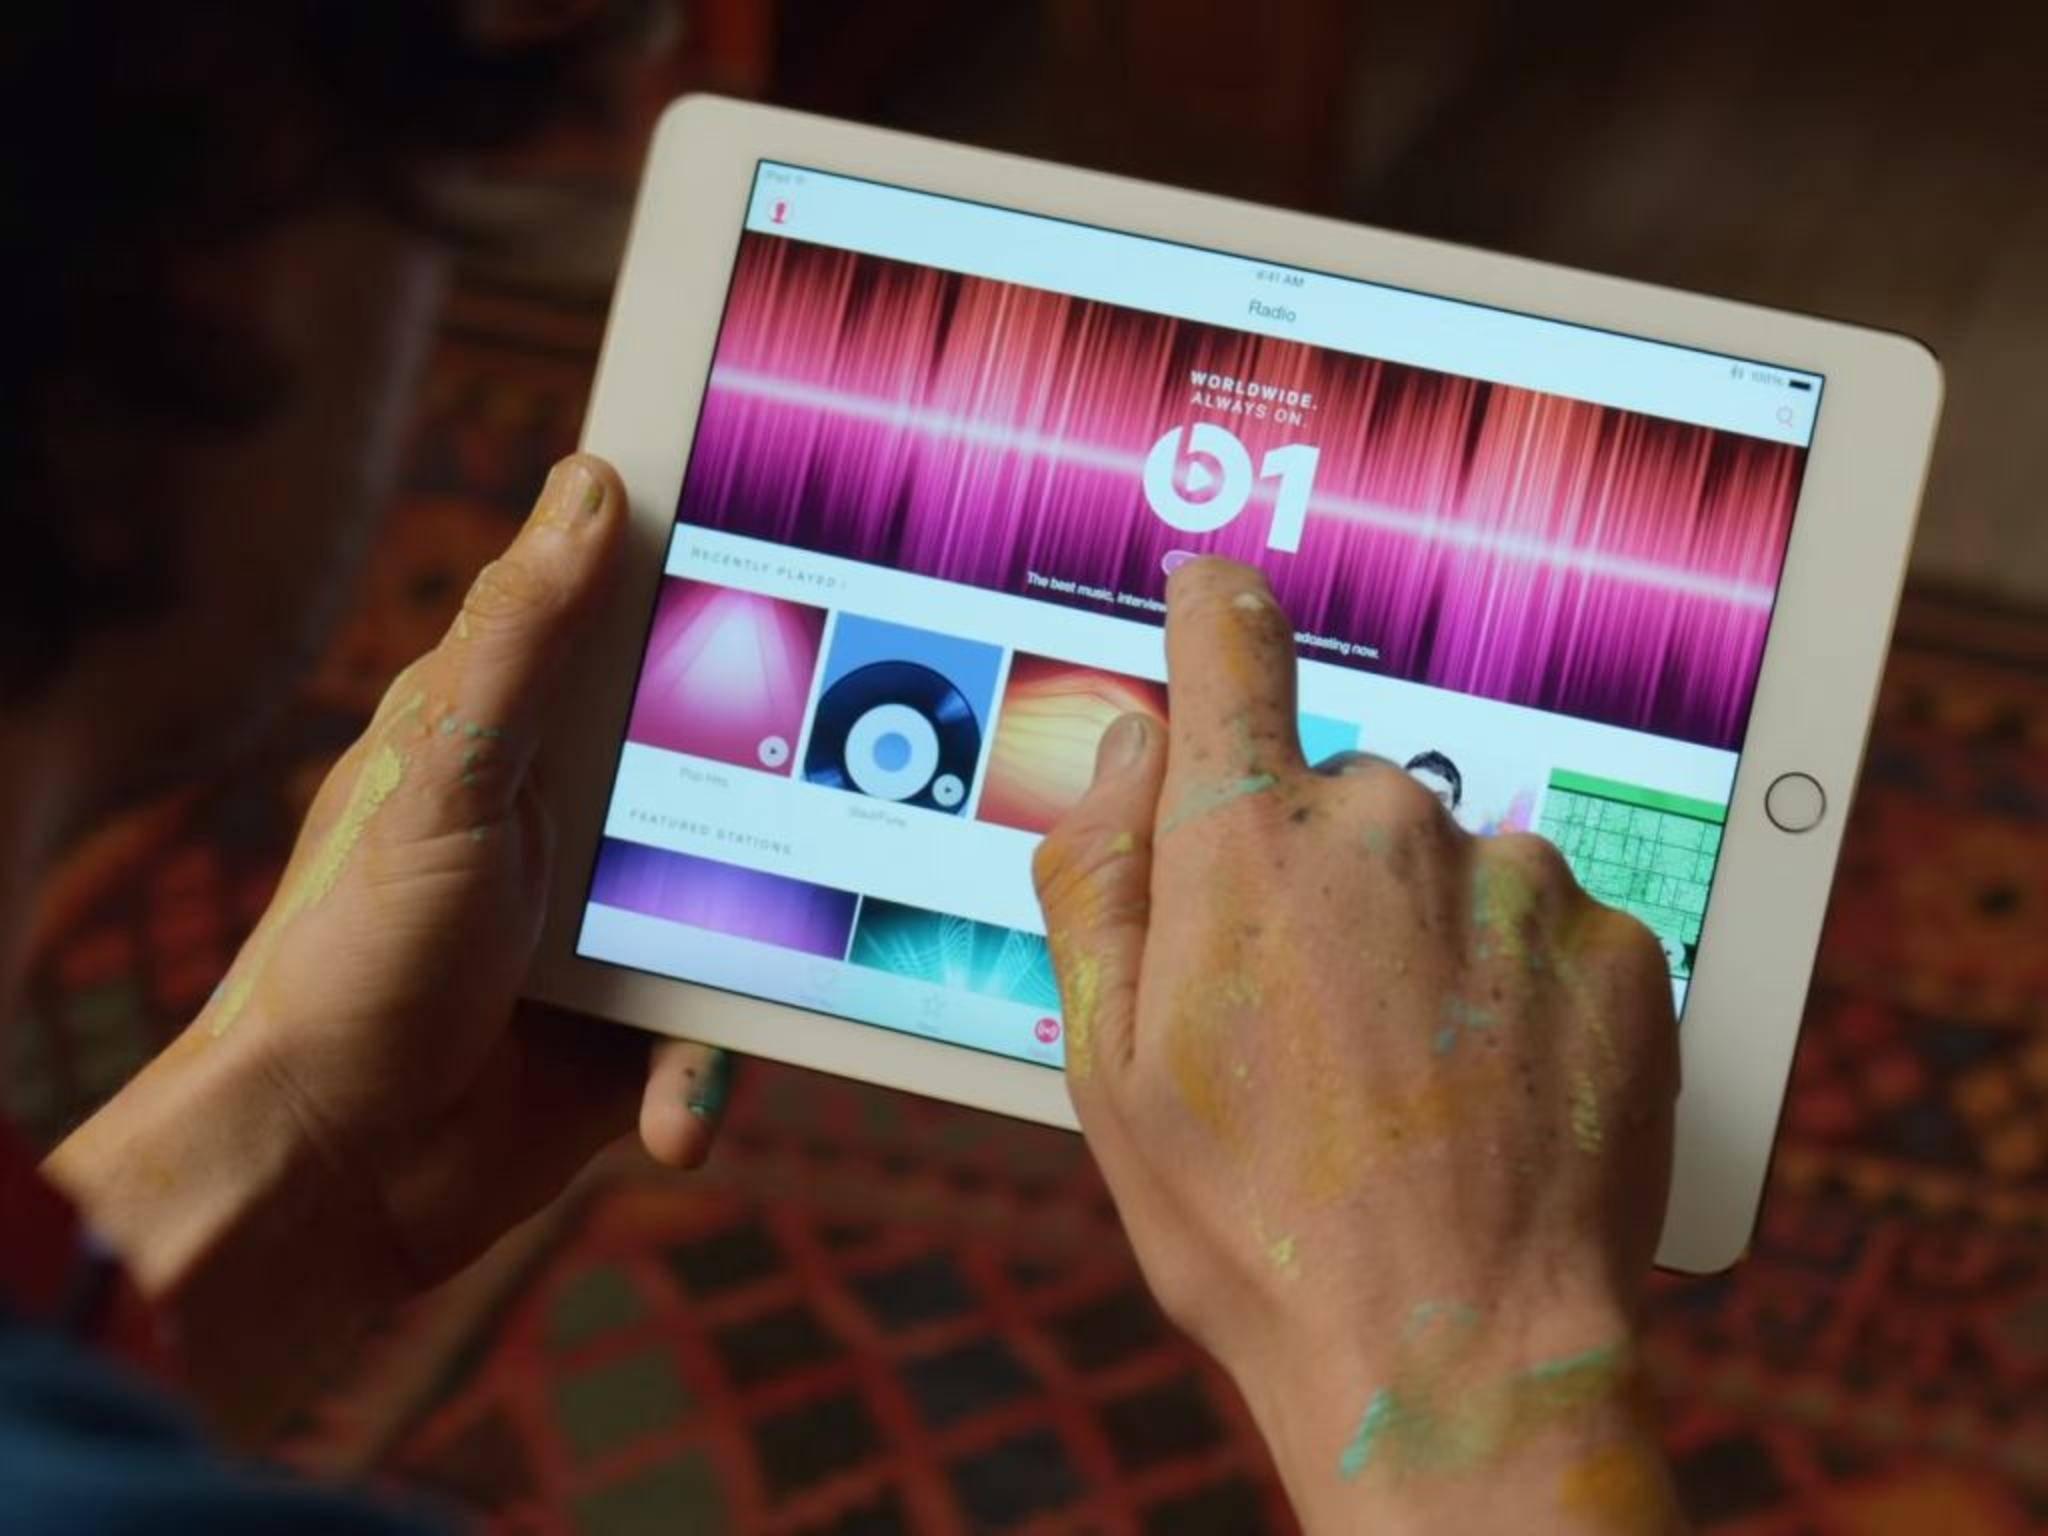 Die Shows von Beats 1 könnten von einer höheren Interaktivität profitieren.